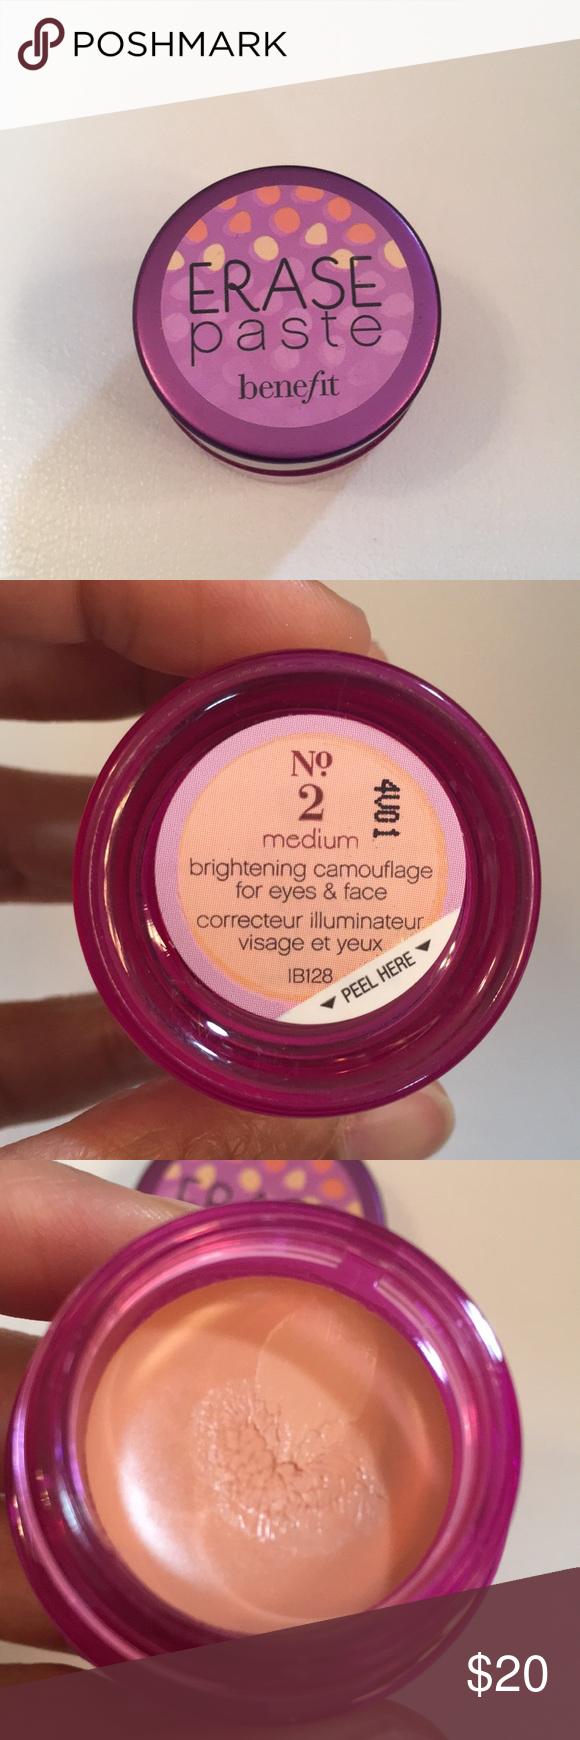 5f60b71ae8b Benefit Erase Paste - No. 2 Medium | Pinterest | Erase paste, Benefit makeup  and Benefit